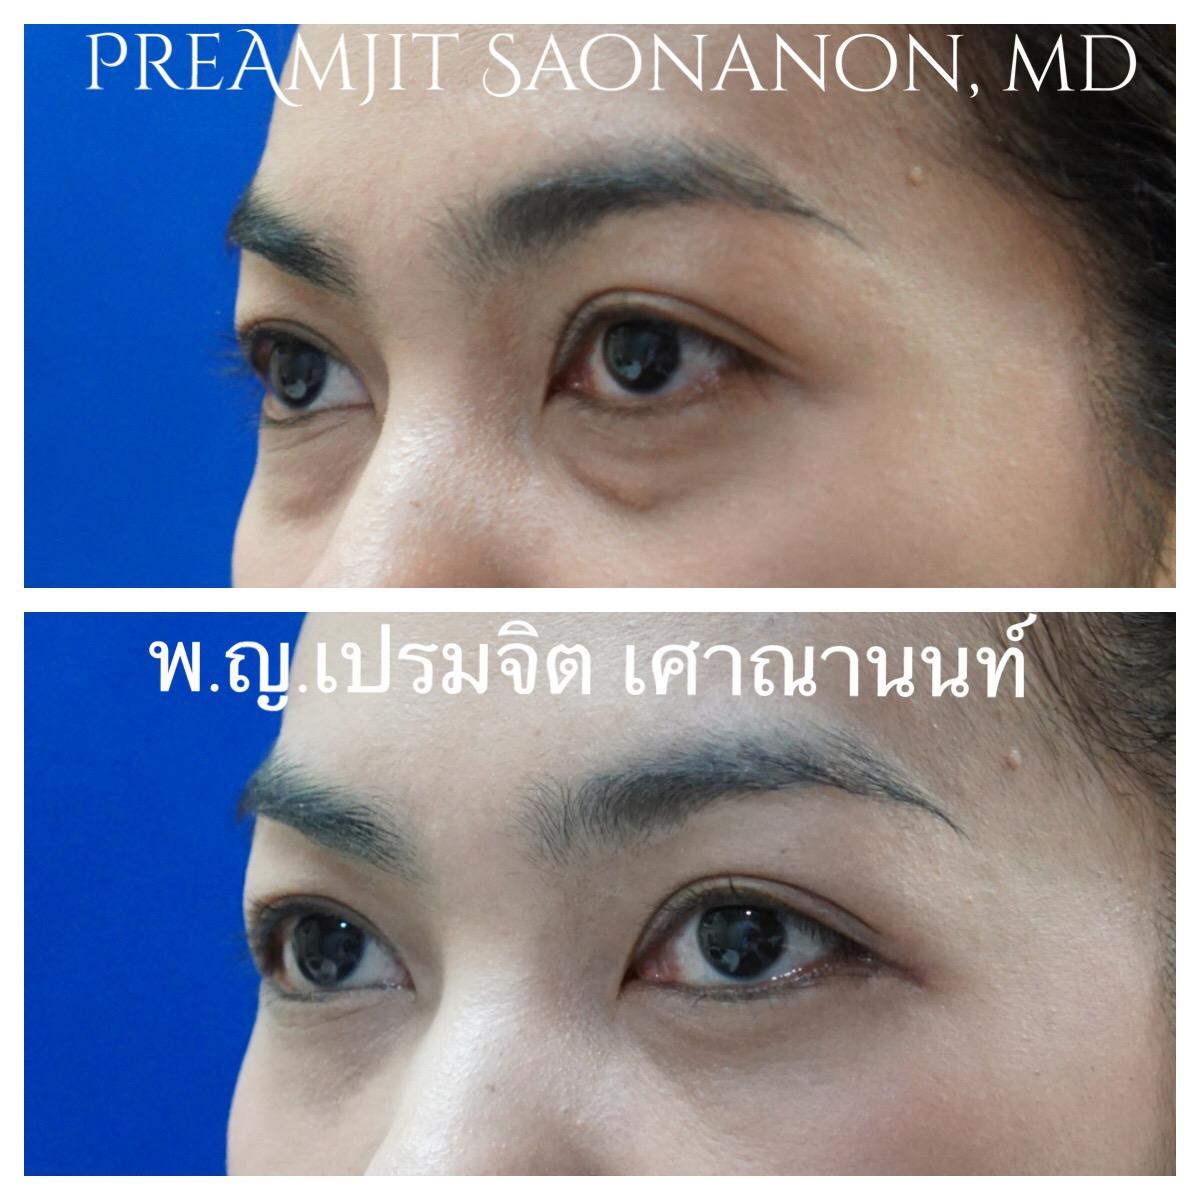 ผ่าตัดถุงใต้ตาทางเยื่อบุตาและย้ายไขมัน